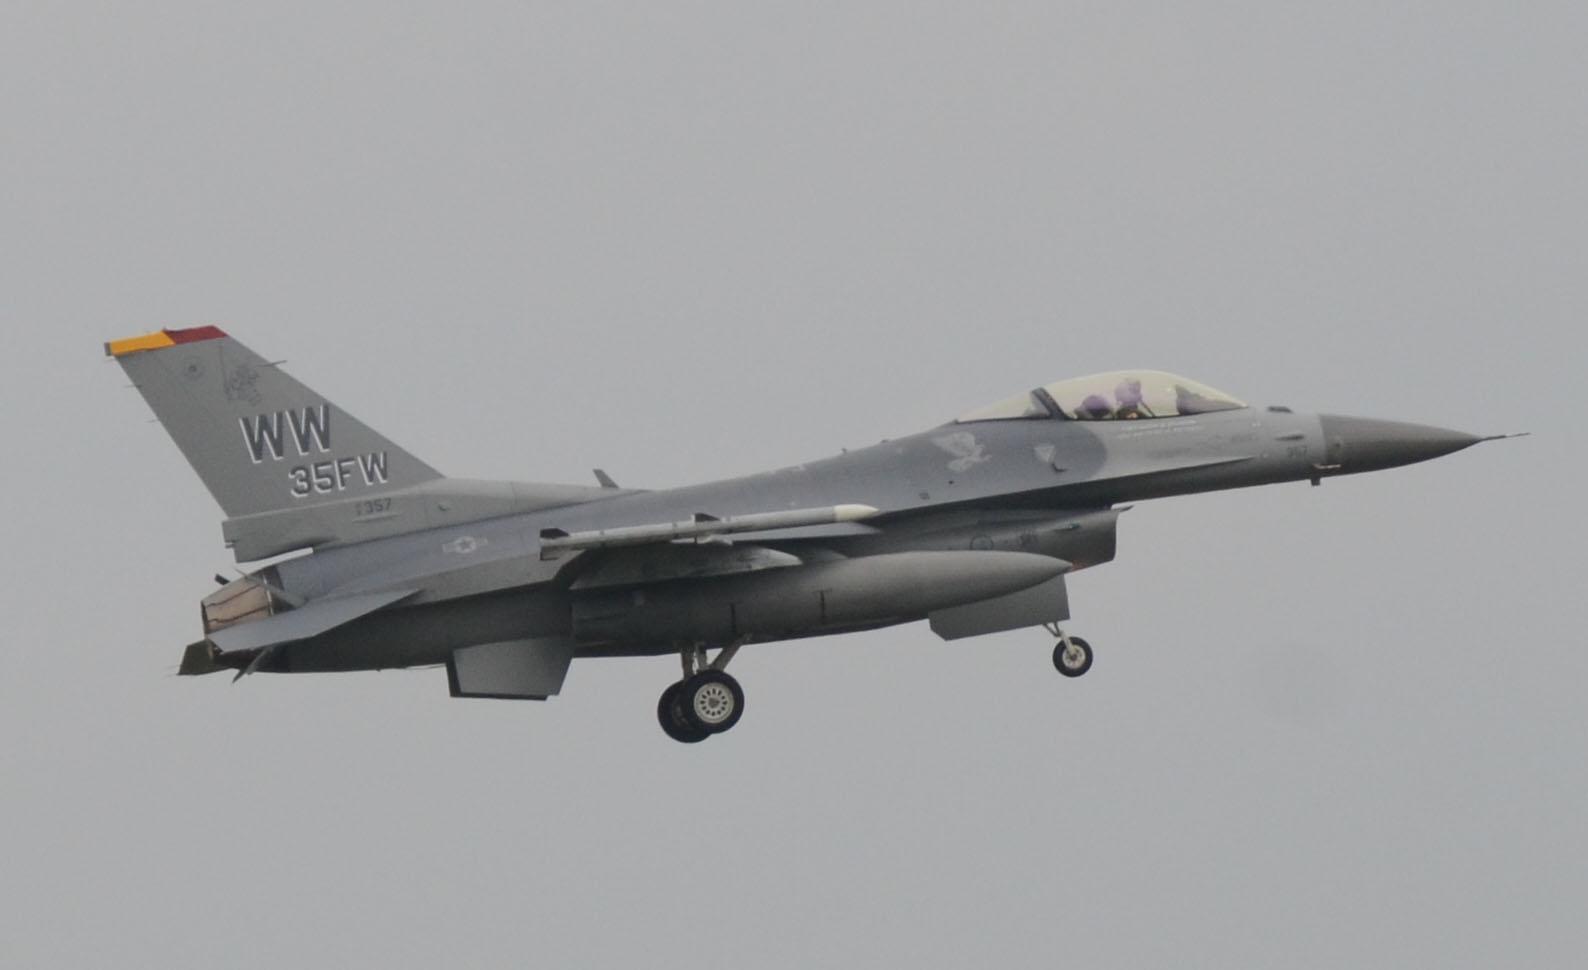 F16cm140905g029